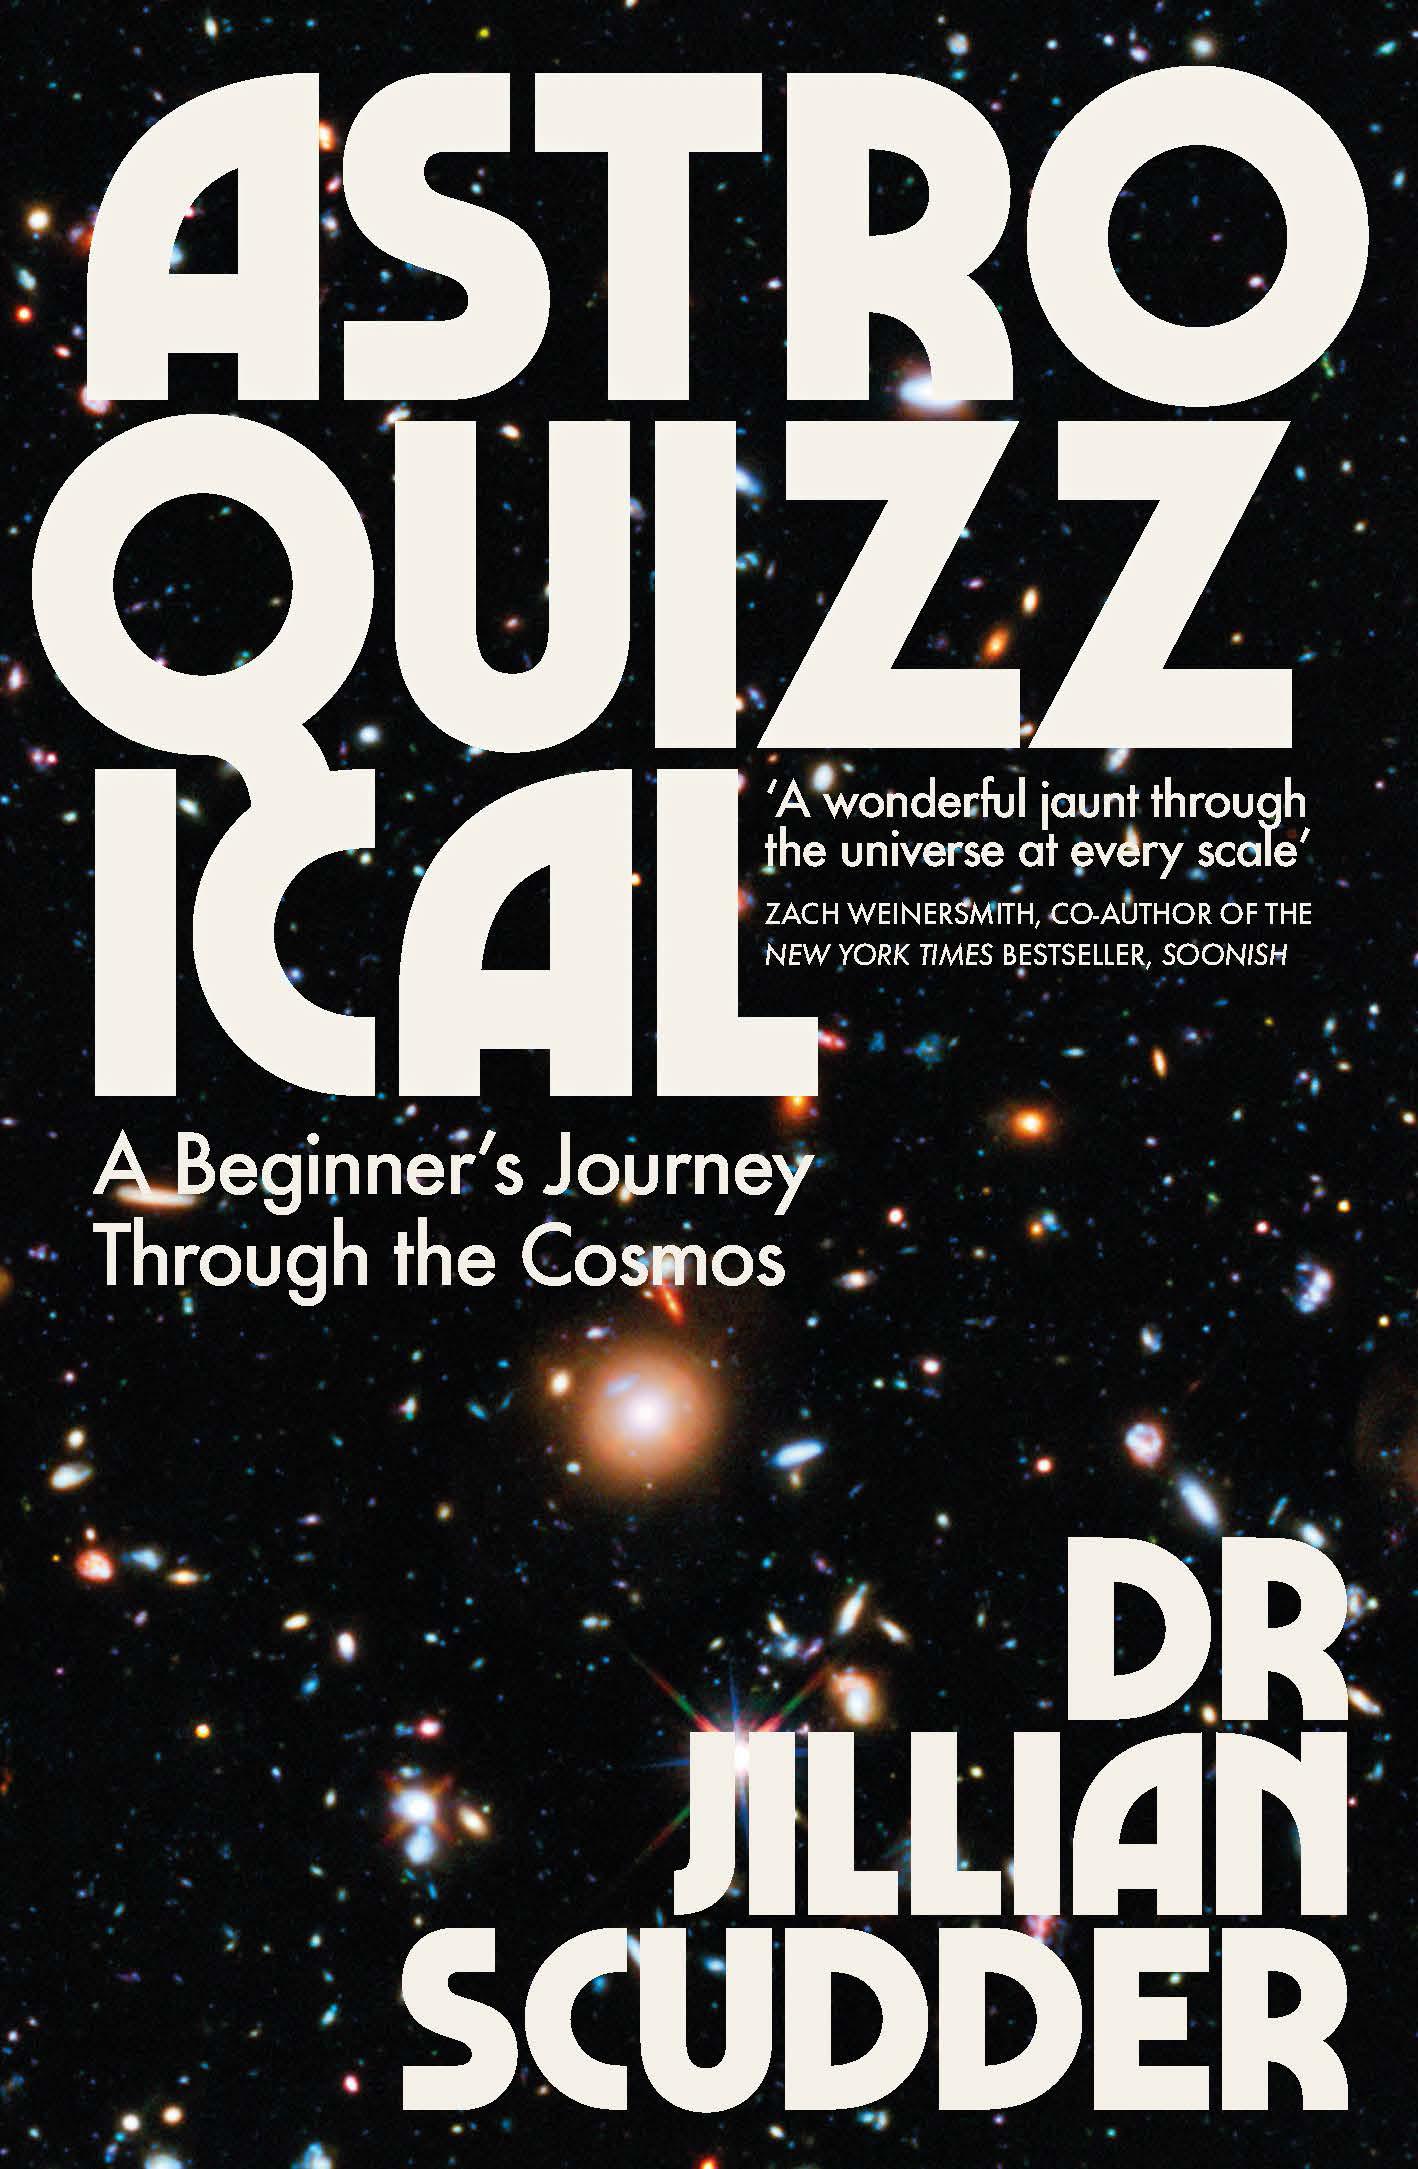 Astroquizzical - Jillian Scudder - 9781785784125 - Allen & Unwin